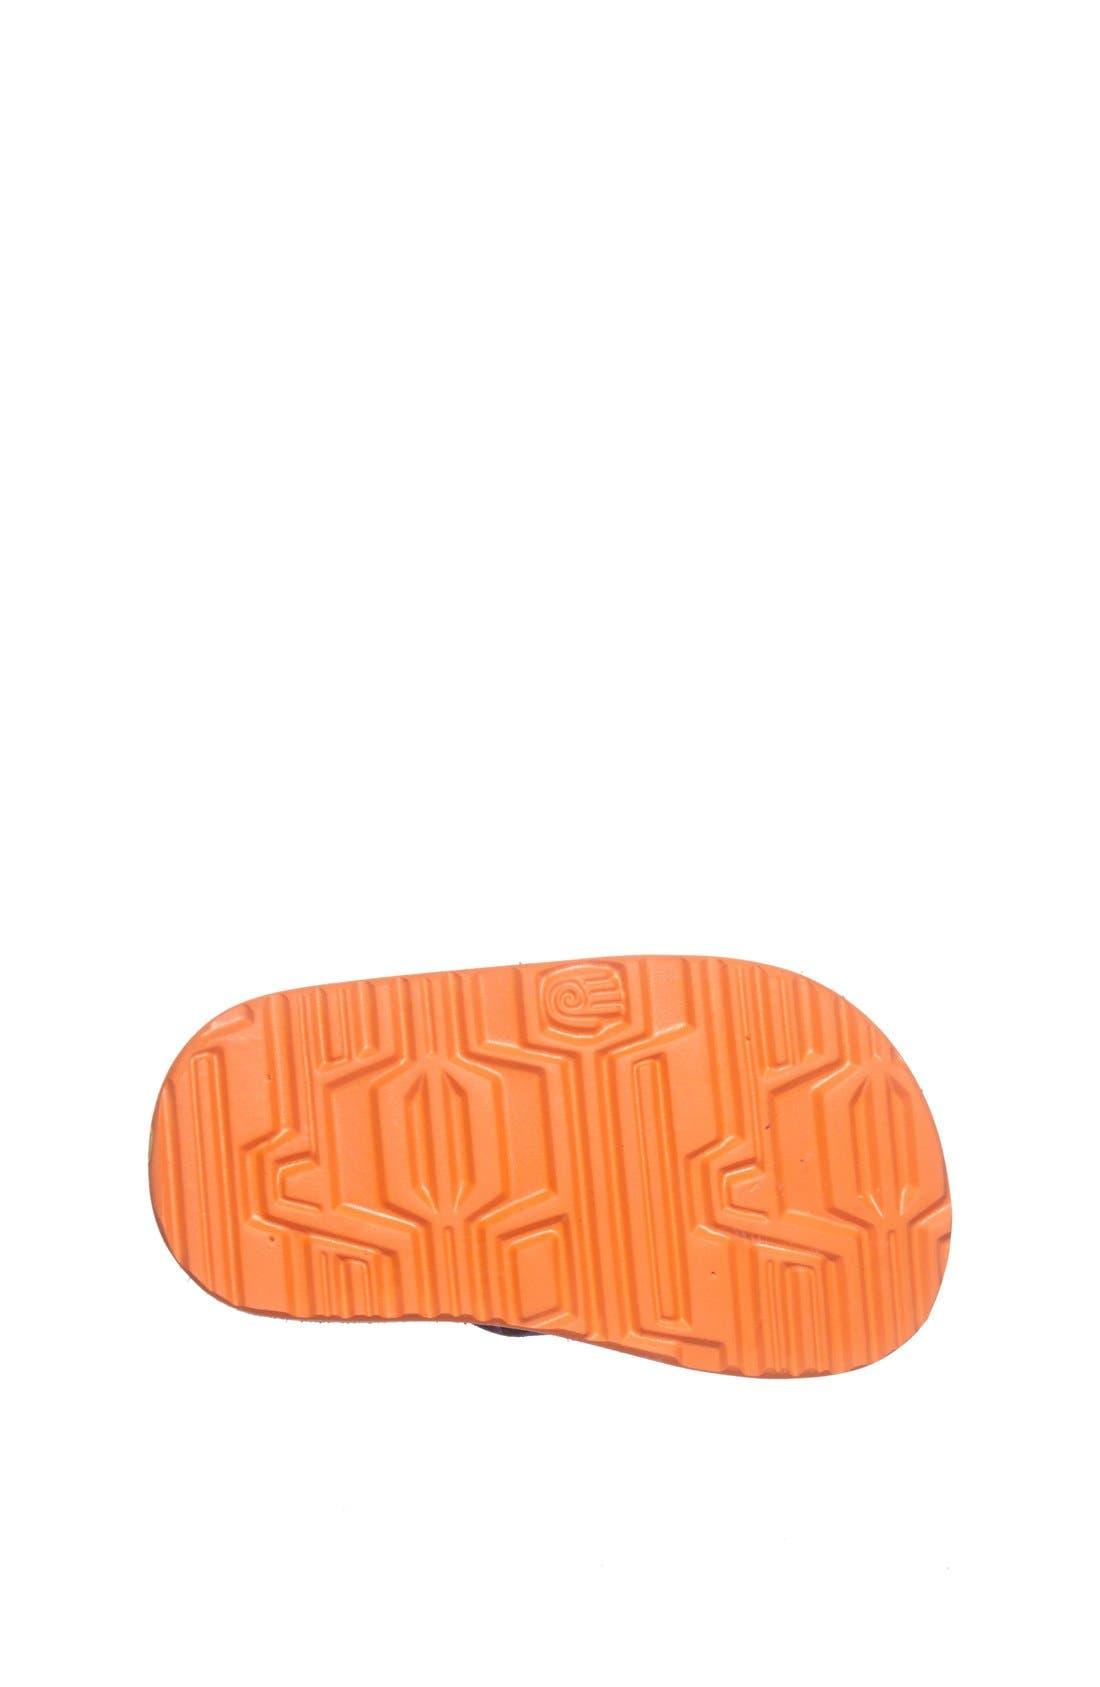 Alternate Image 4  - Teva 'Mush' Sandal (Baby & Walker)